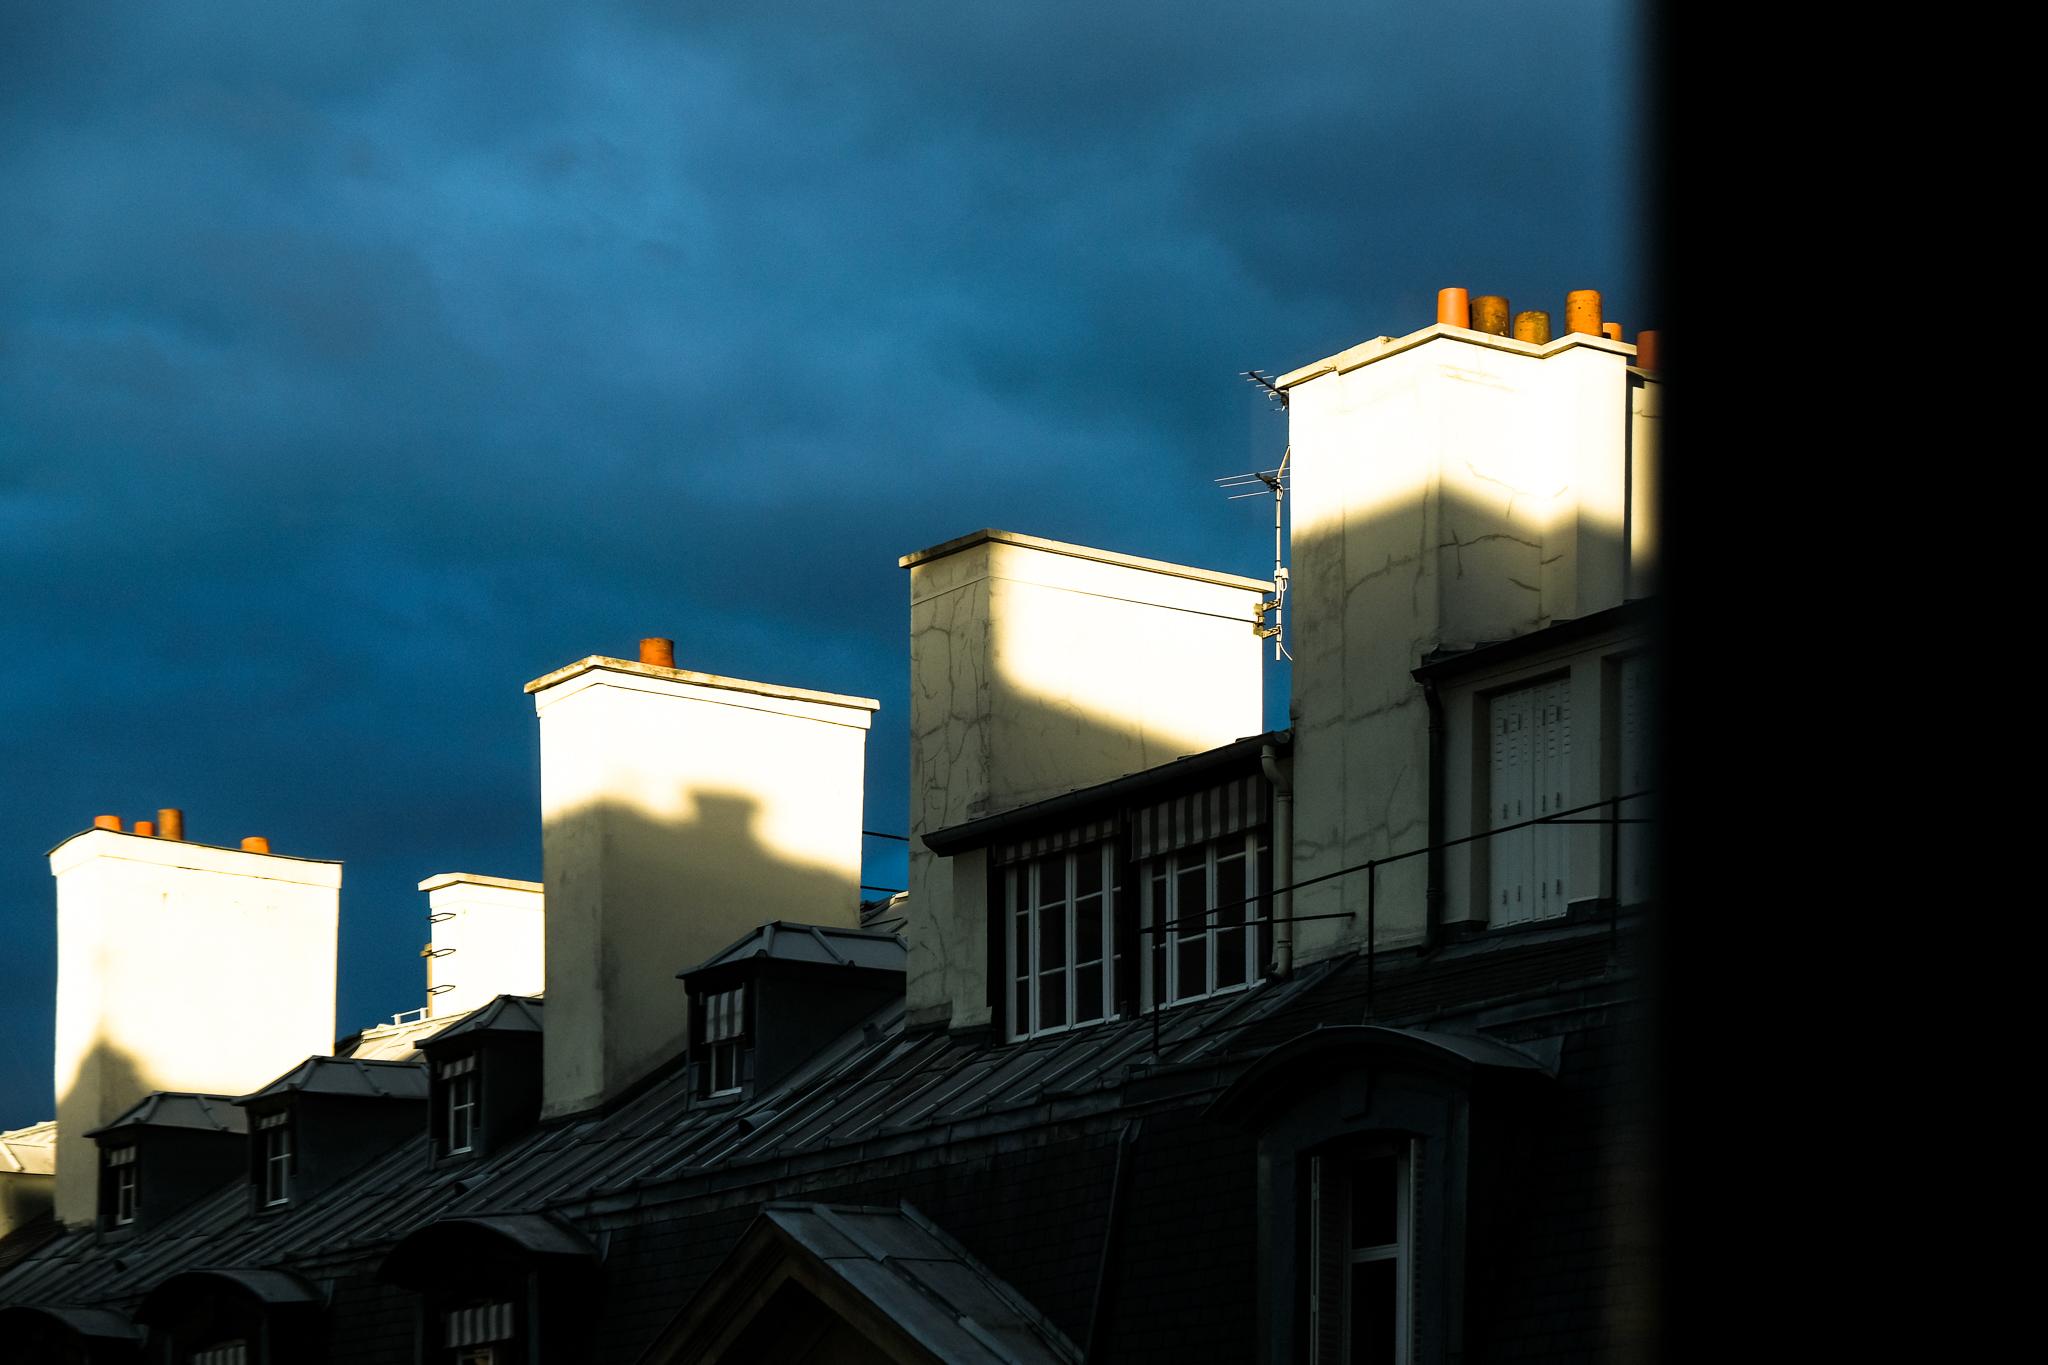 GRAND HOTEL du PALAIS ROYAL, PARIS by Carine